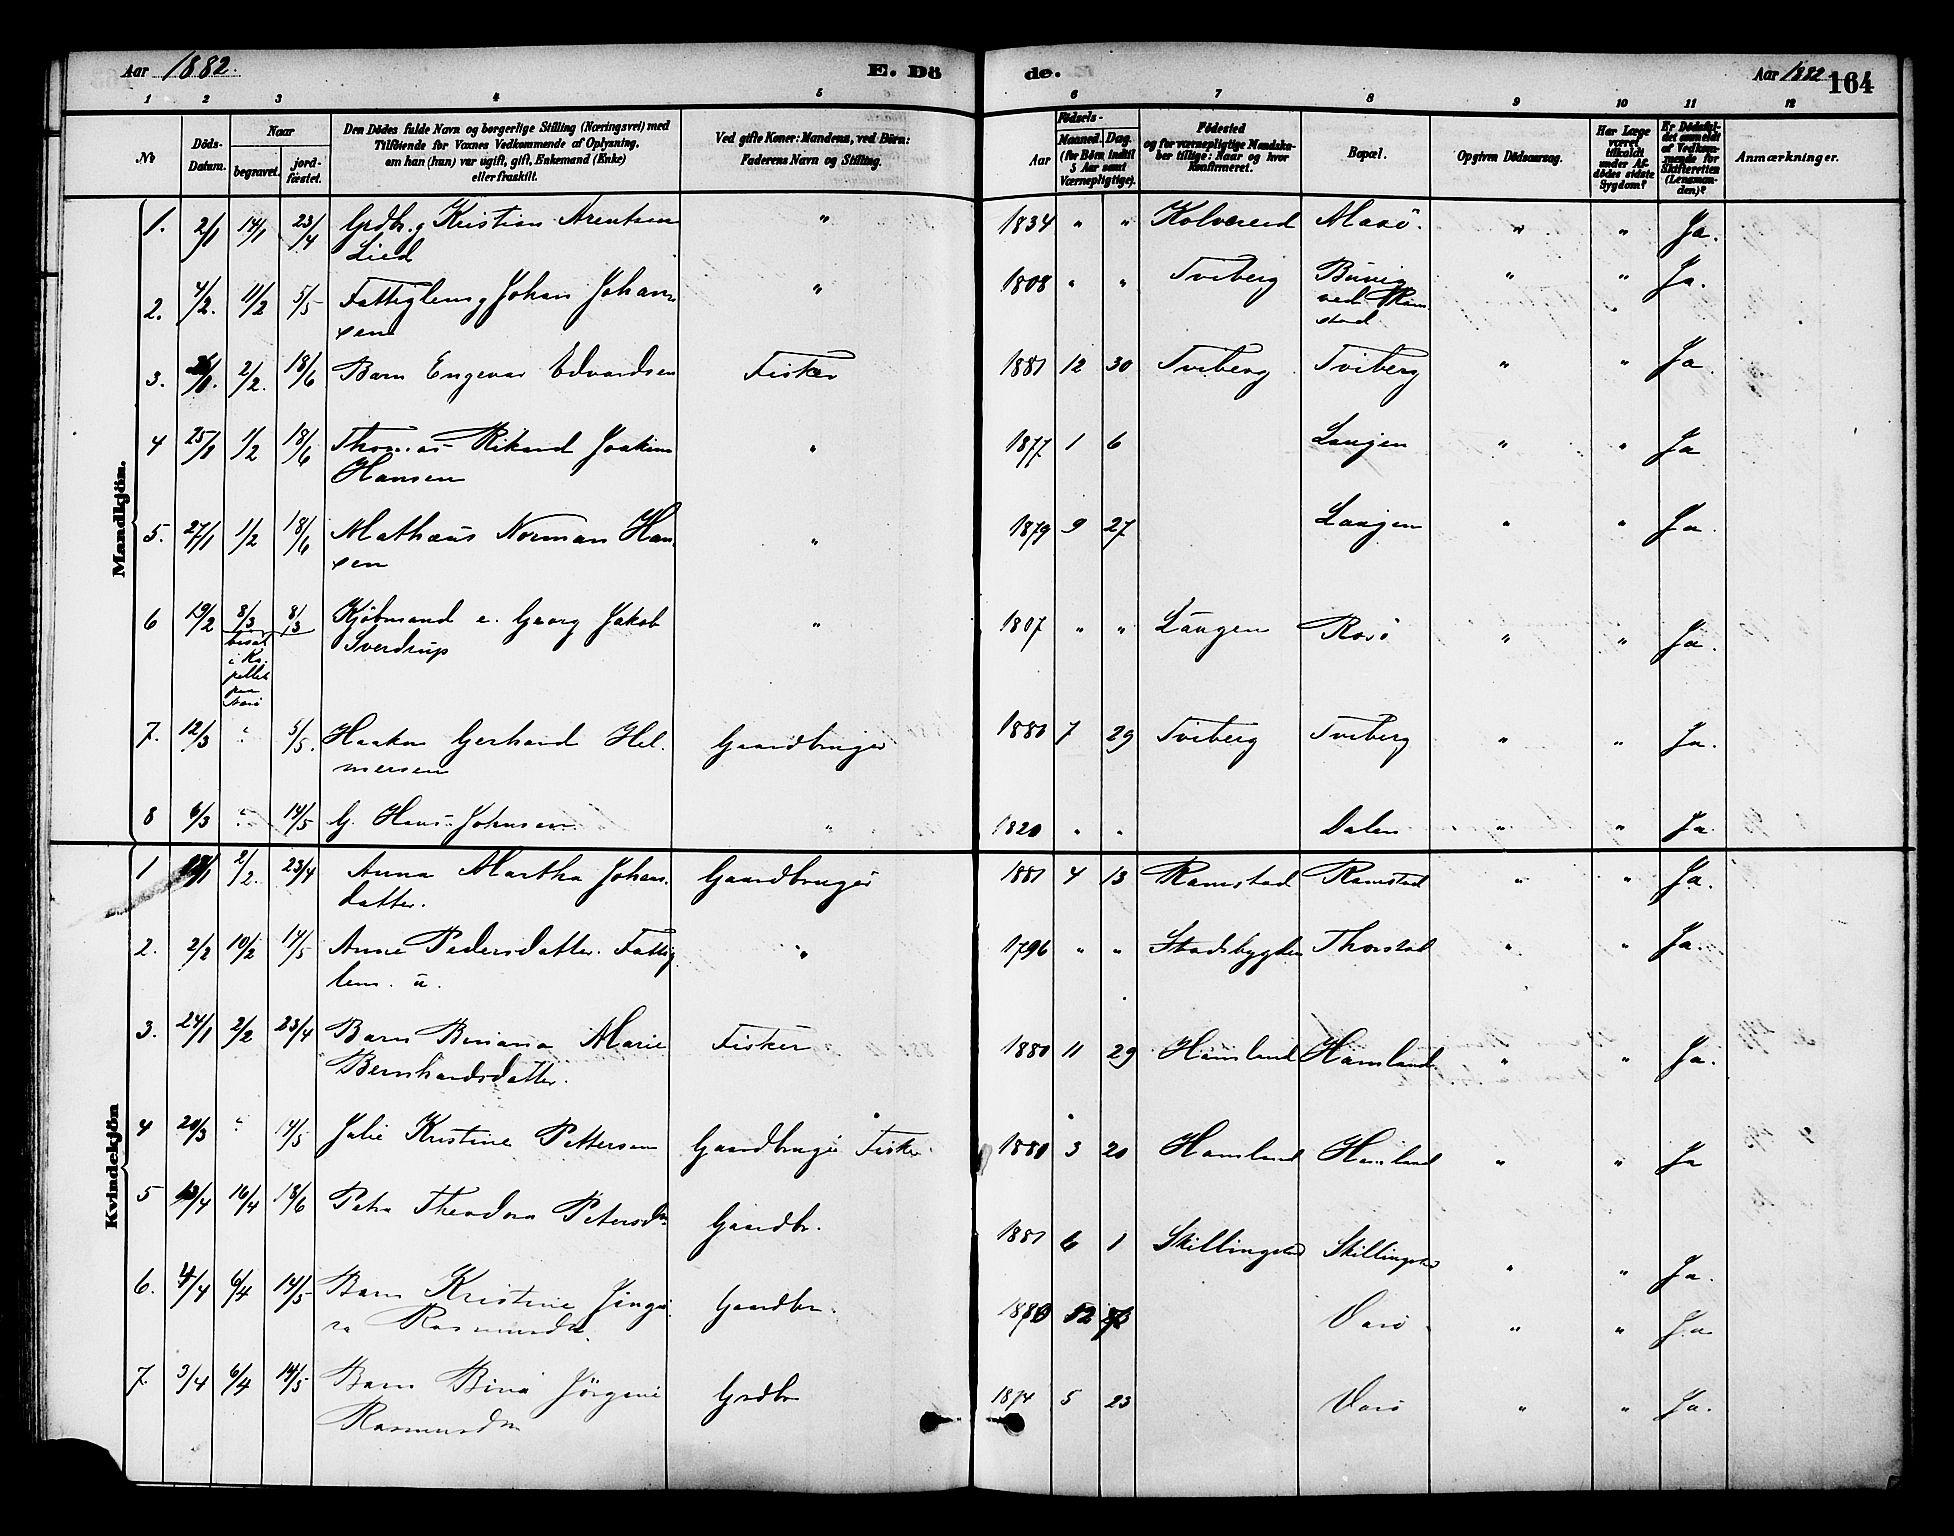 SAT, Ministerialprotokoller, klokkerbøker og fødselsregistre - Nord-Trøndelag, 784/L0672: Ministerialbok nr. 784A07, 1880-1887, s. 164